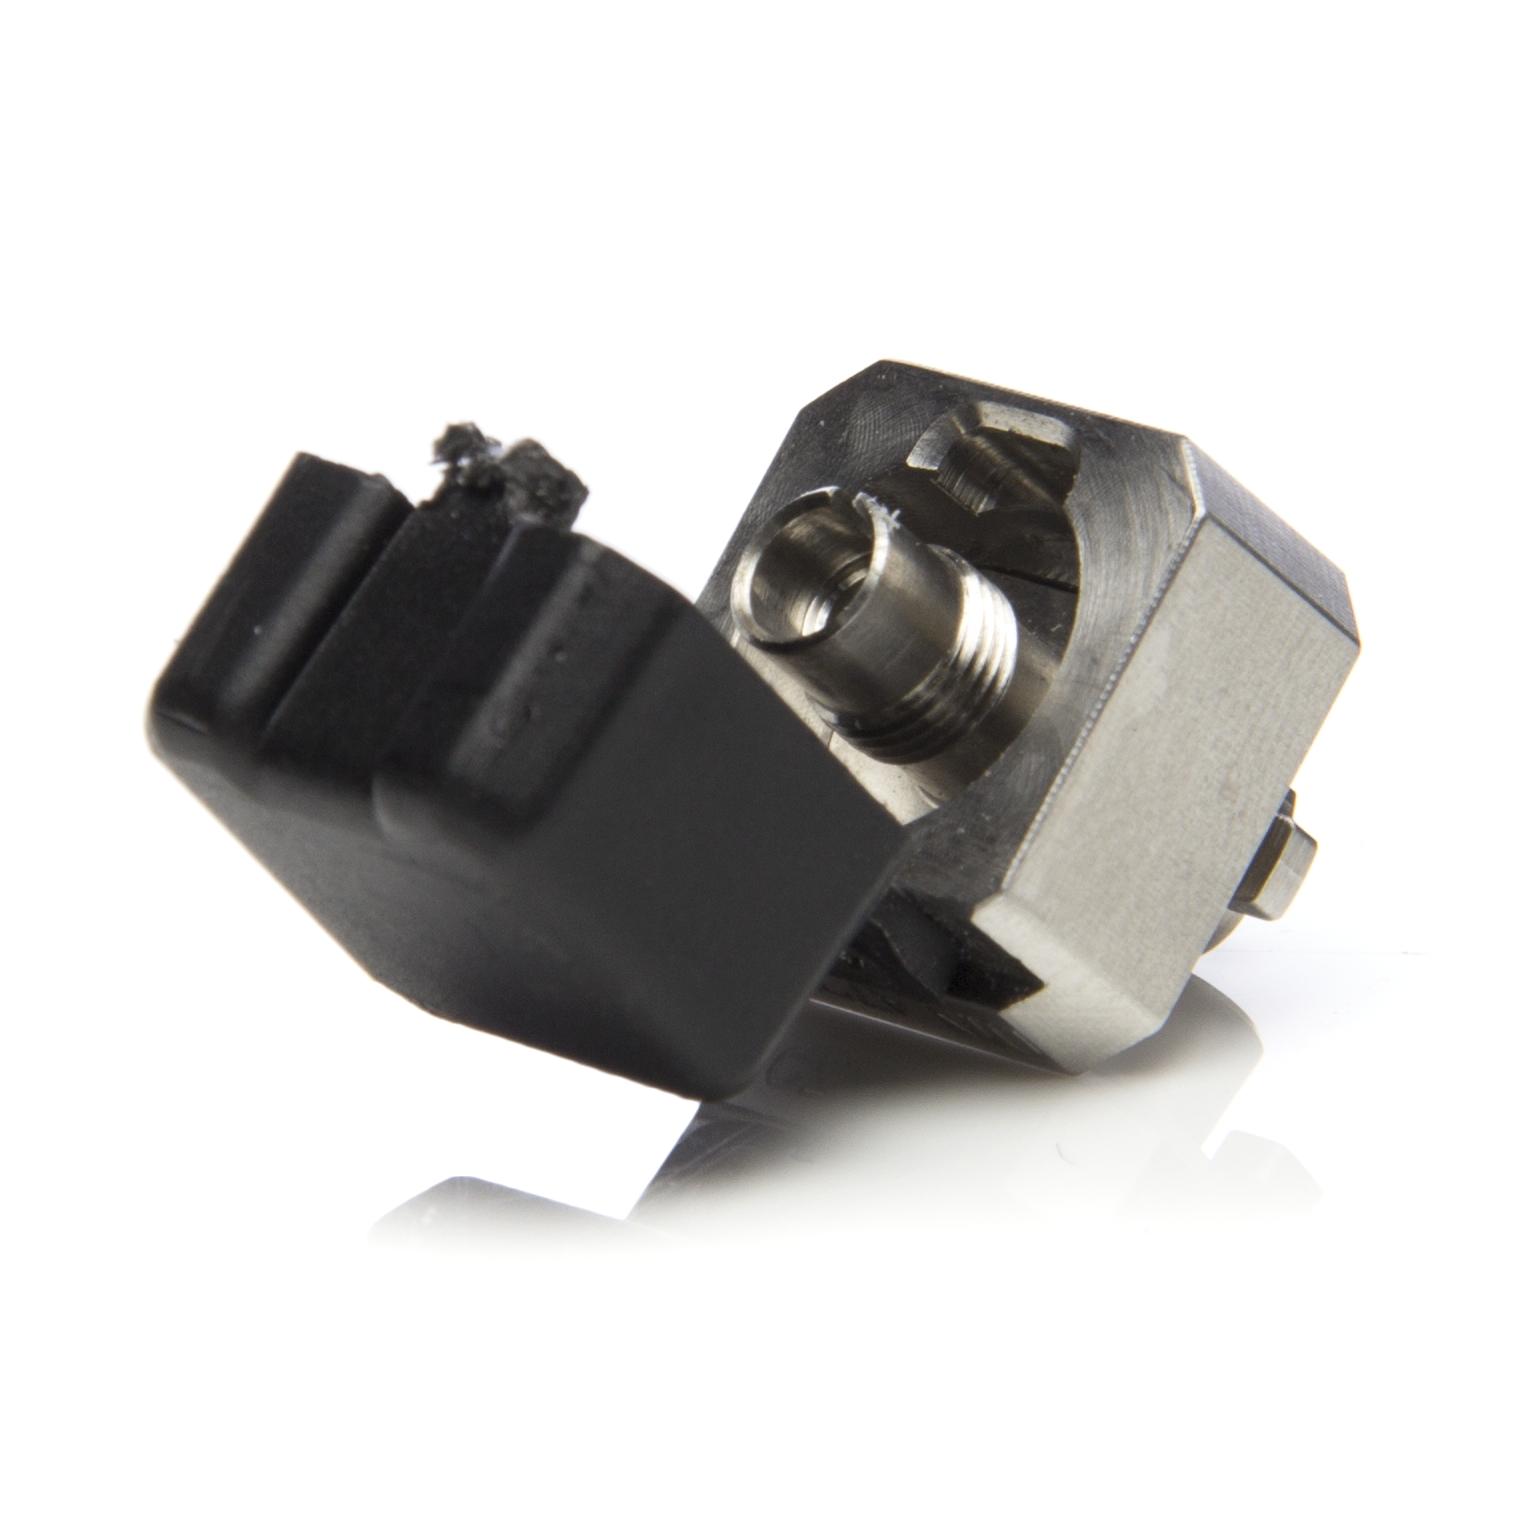 EXFO EUI-28 : Сменный адаптер ST для портативных источников излучения и оптических рефлектометров